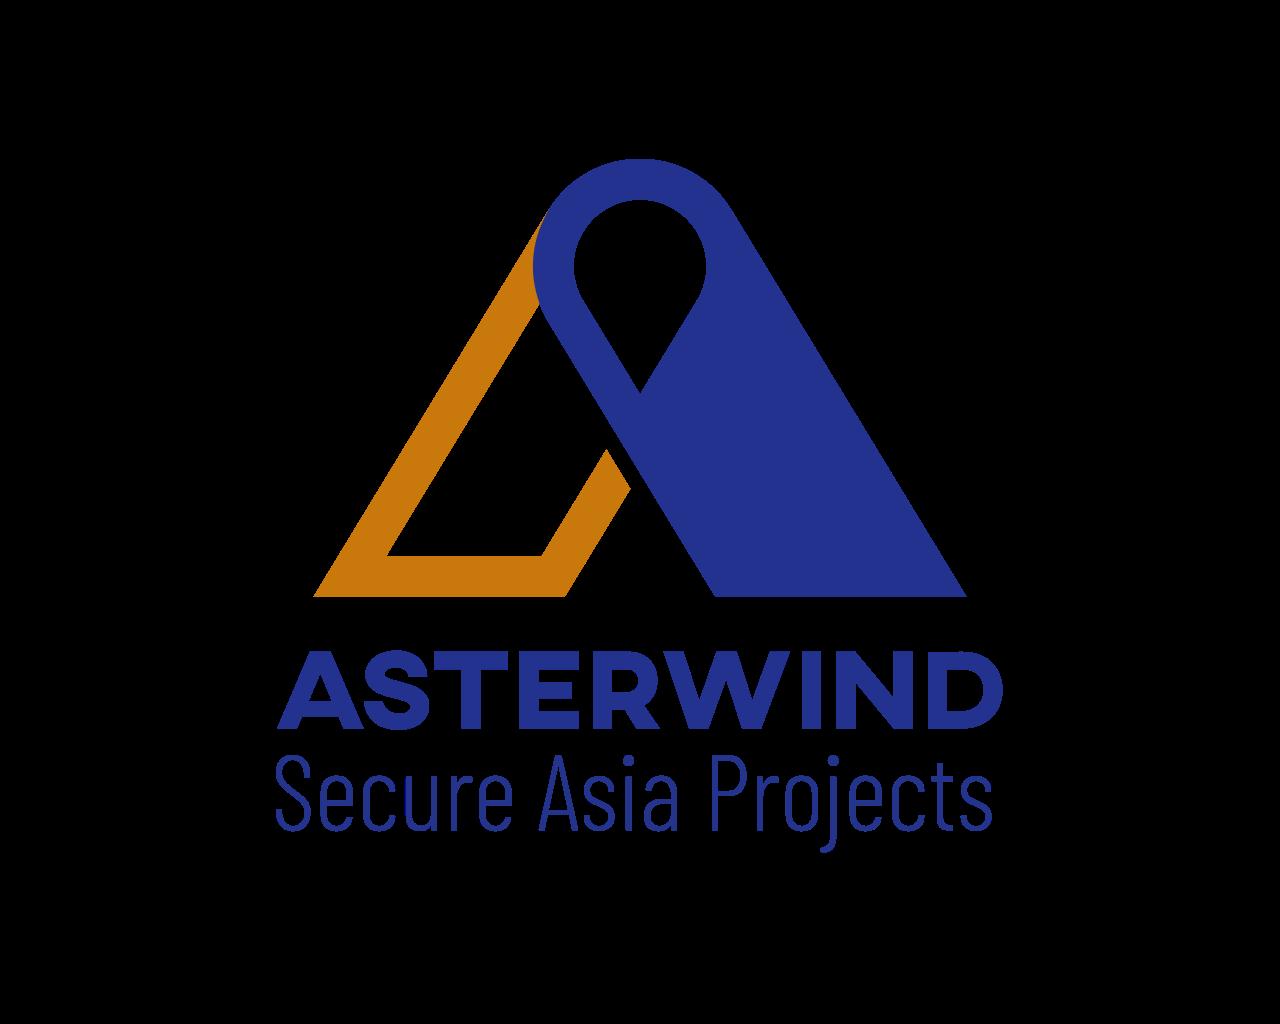 Asterwind